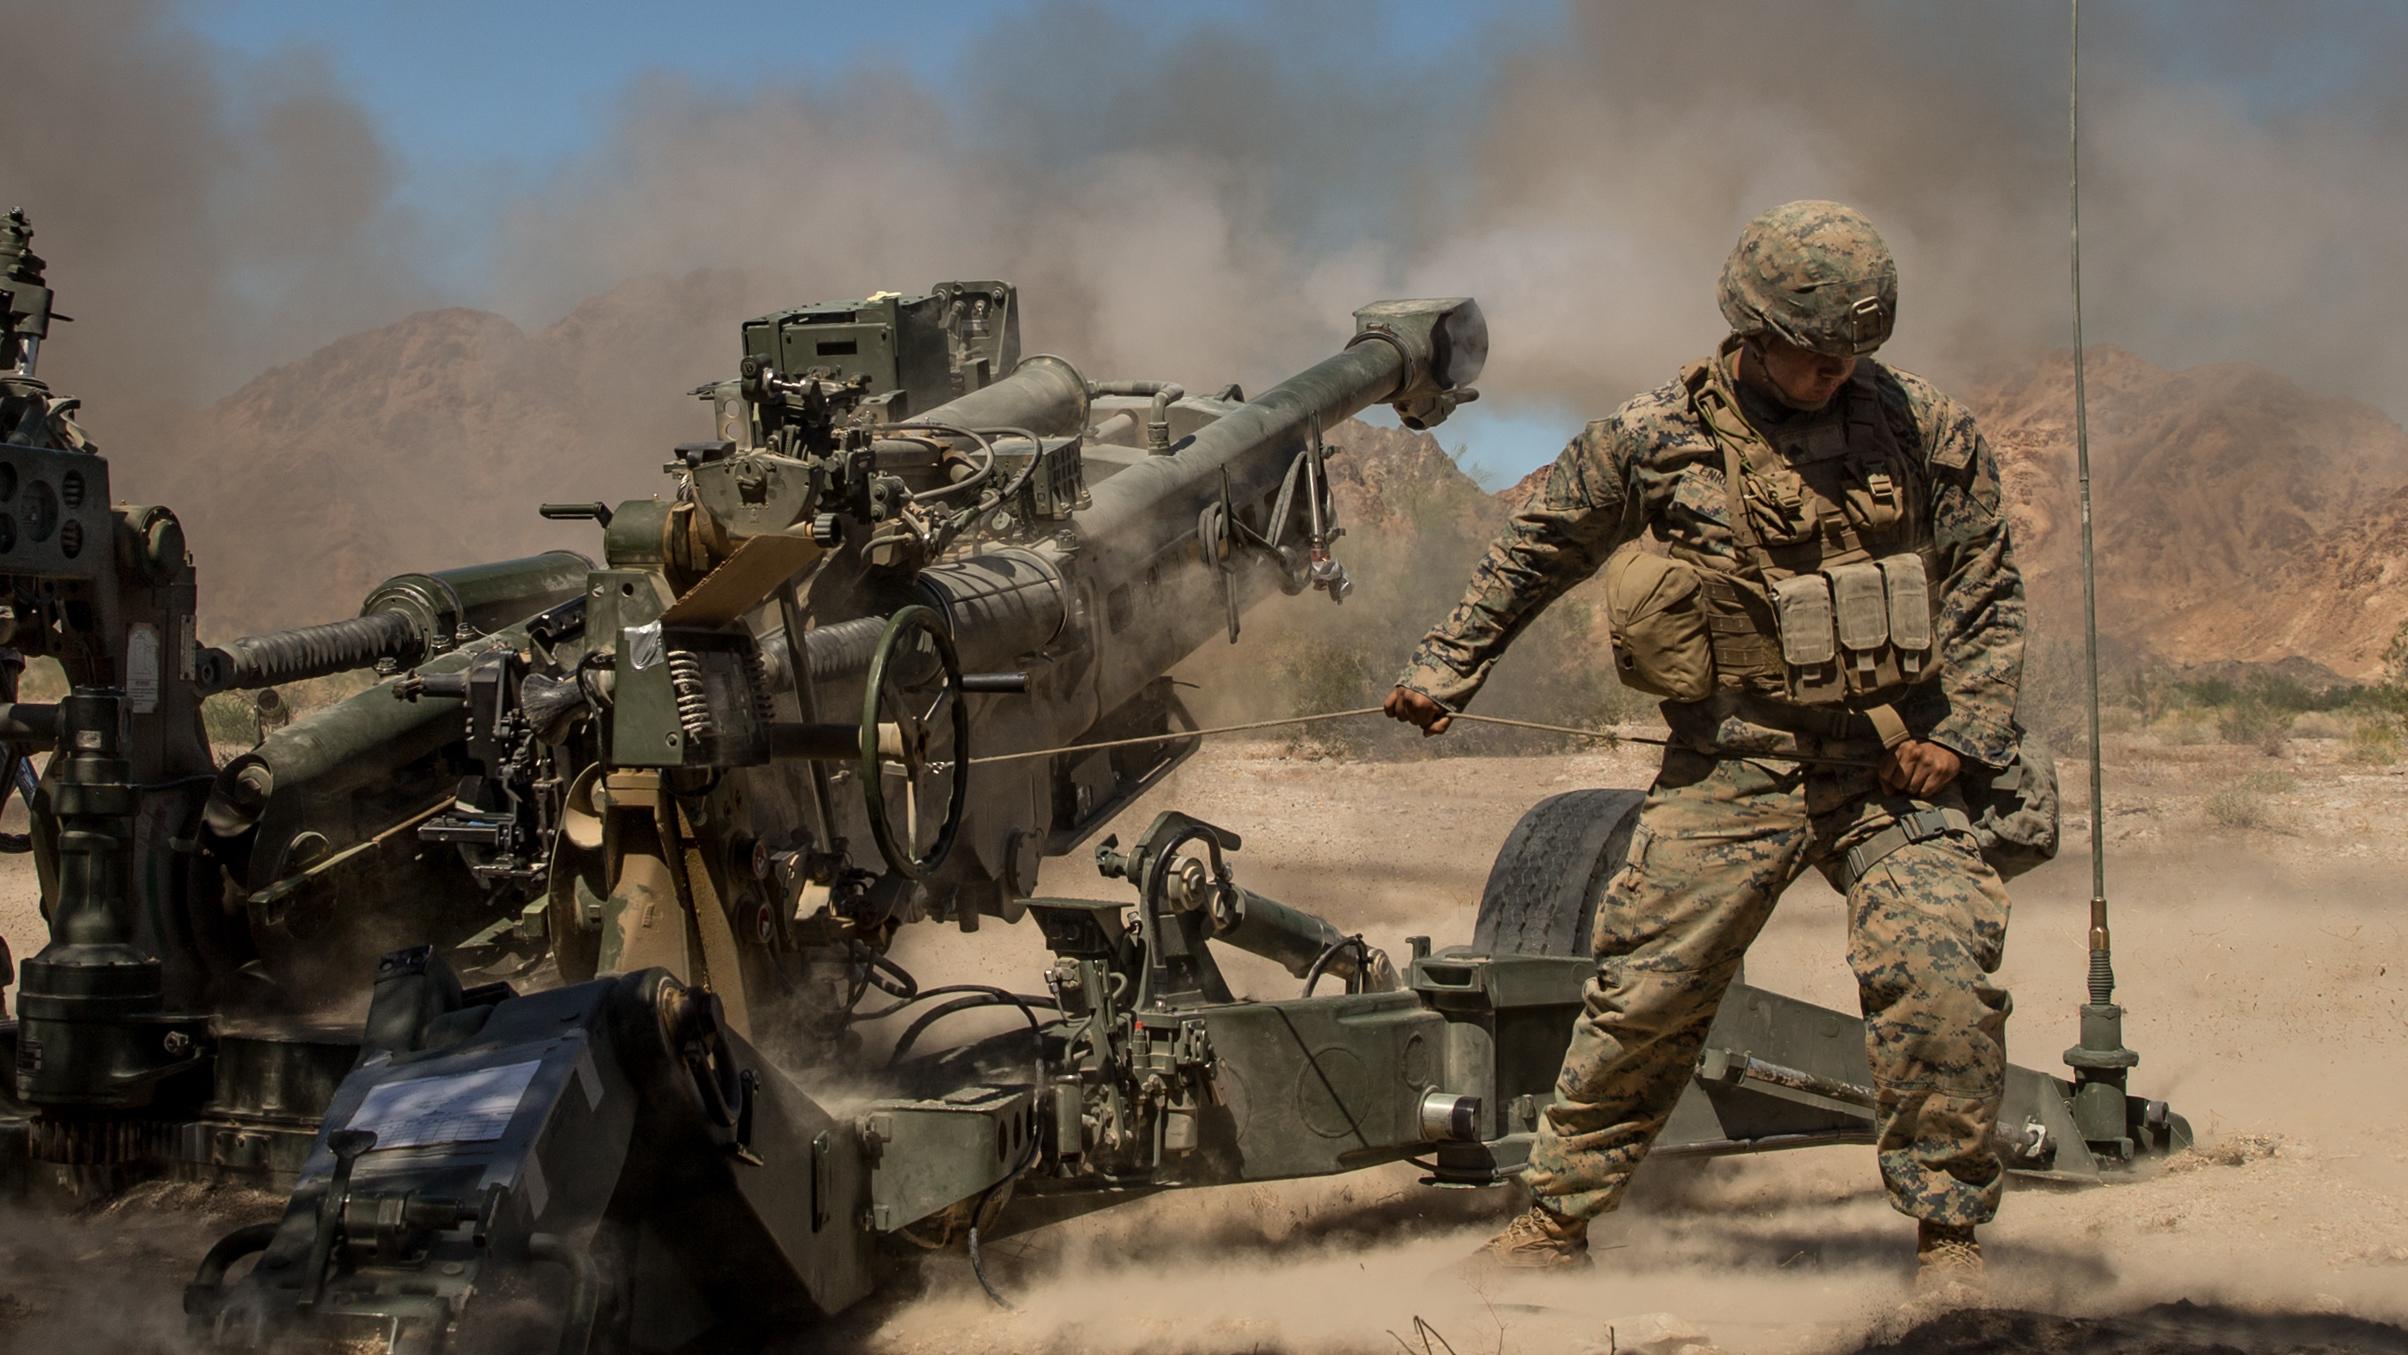 M777 Howitzer Artillery Firing, Artillery, Cannon, Firepower, Firing, HQ Photo